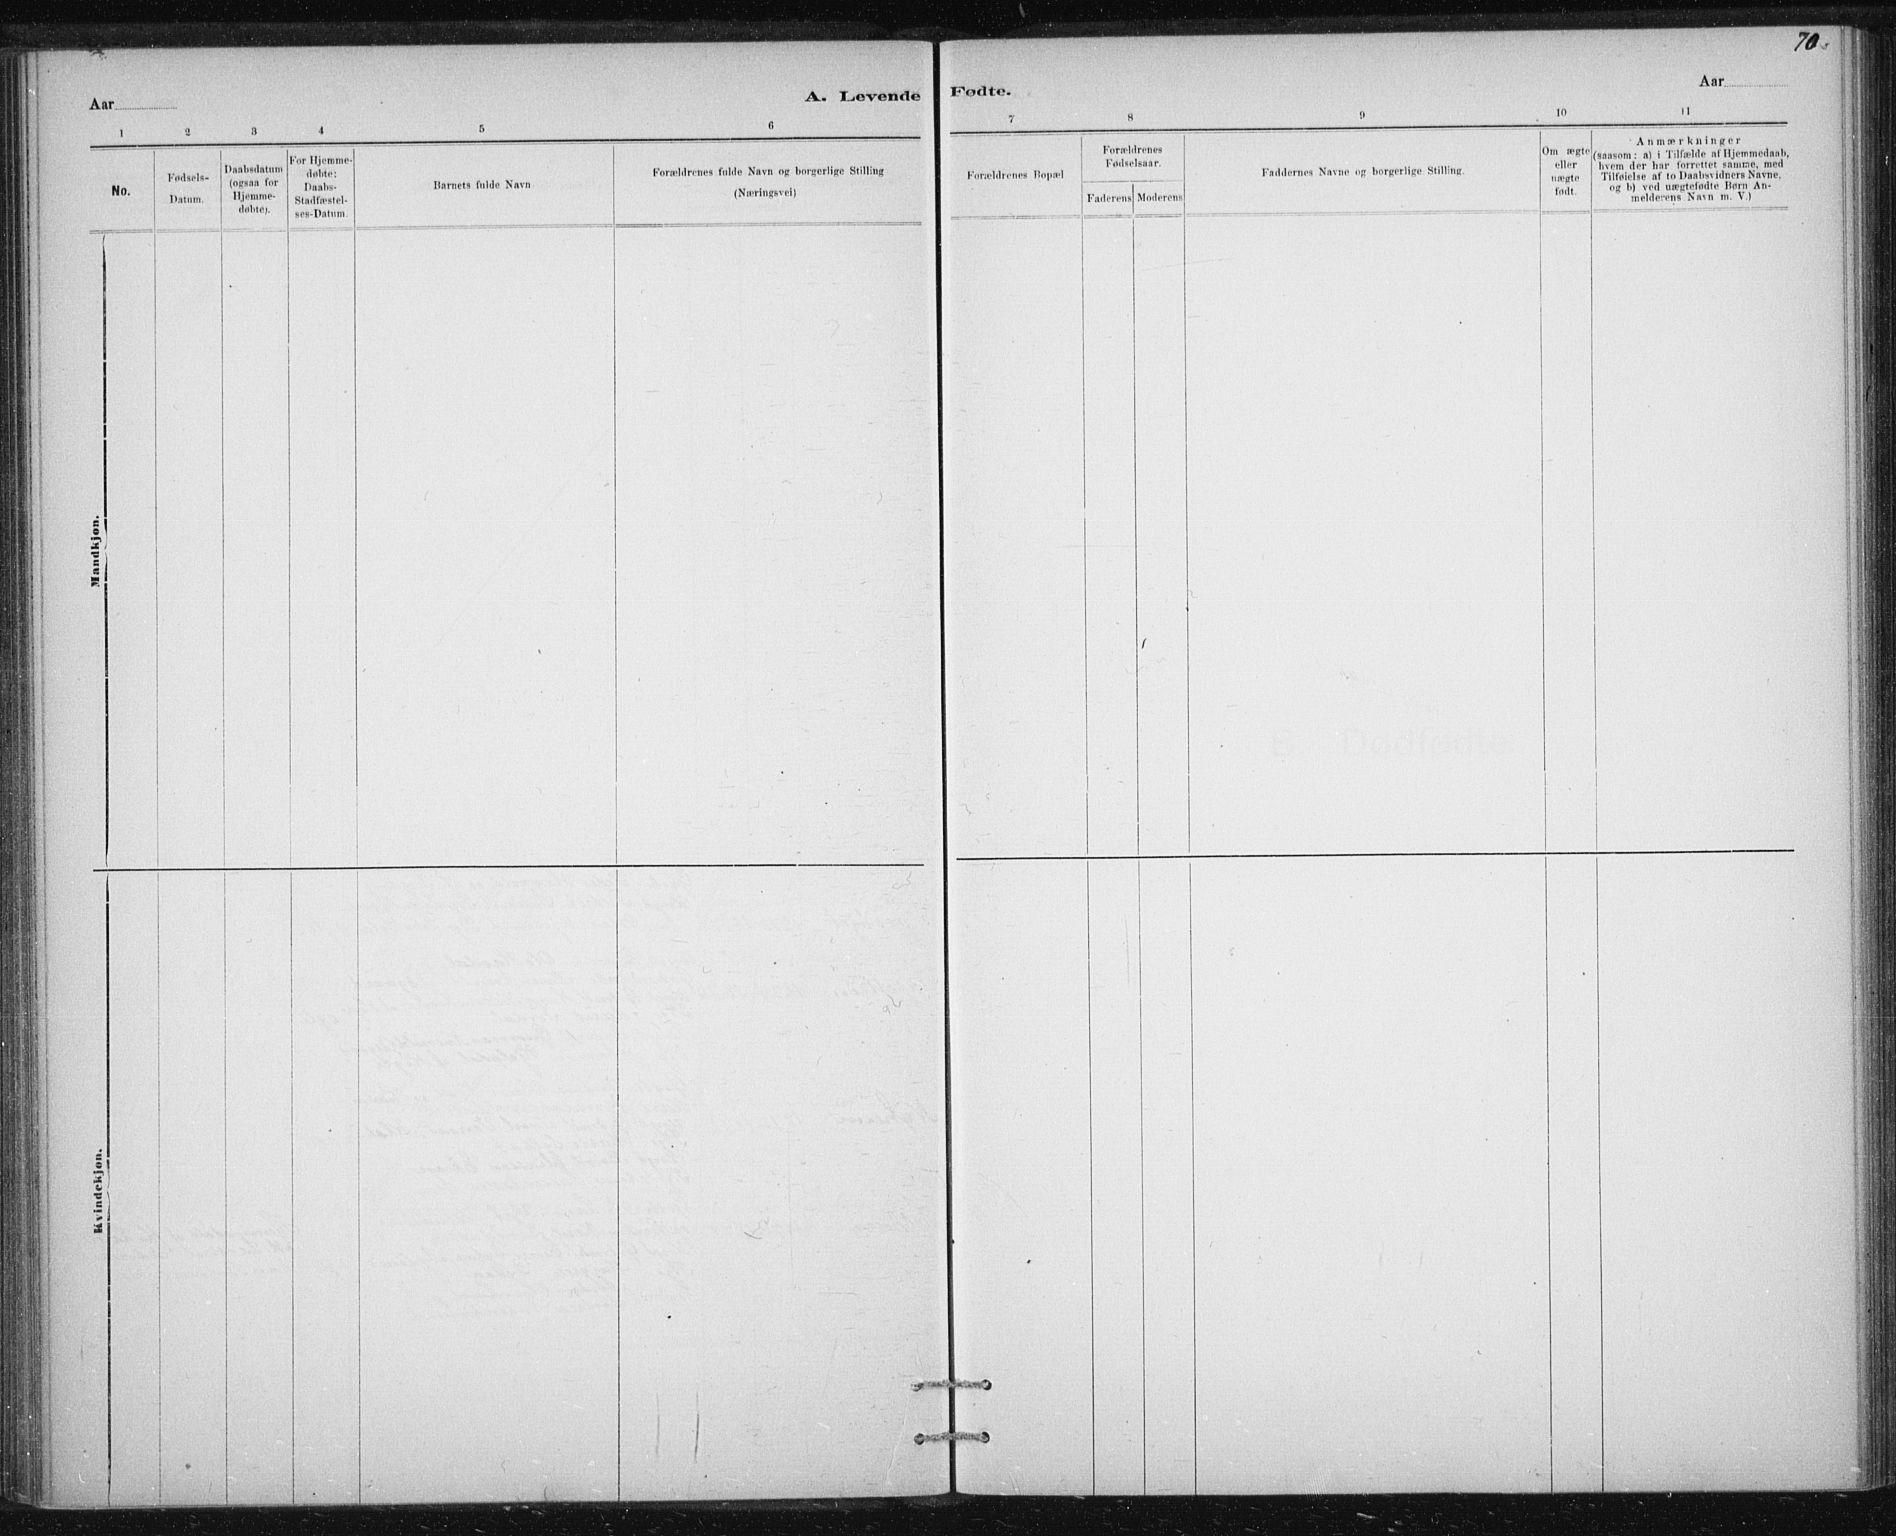 SAT, Ministerialprotokoller, klokkerbøker og fødselsregistre - Sør-Trøndelag, 613/L0392: Ministerialbok nr. 613A01, 1887-1906, s. 70